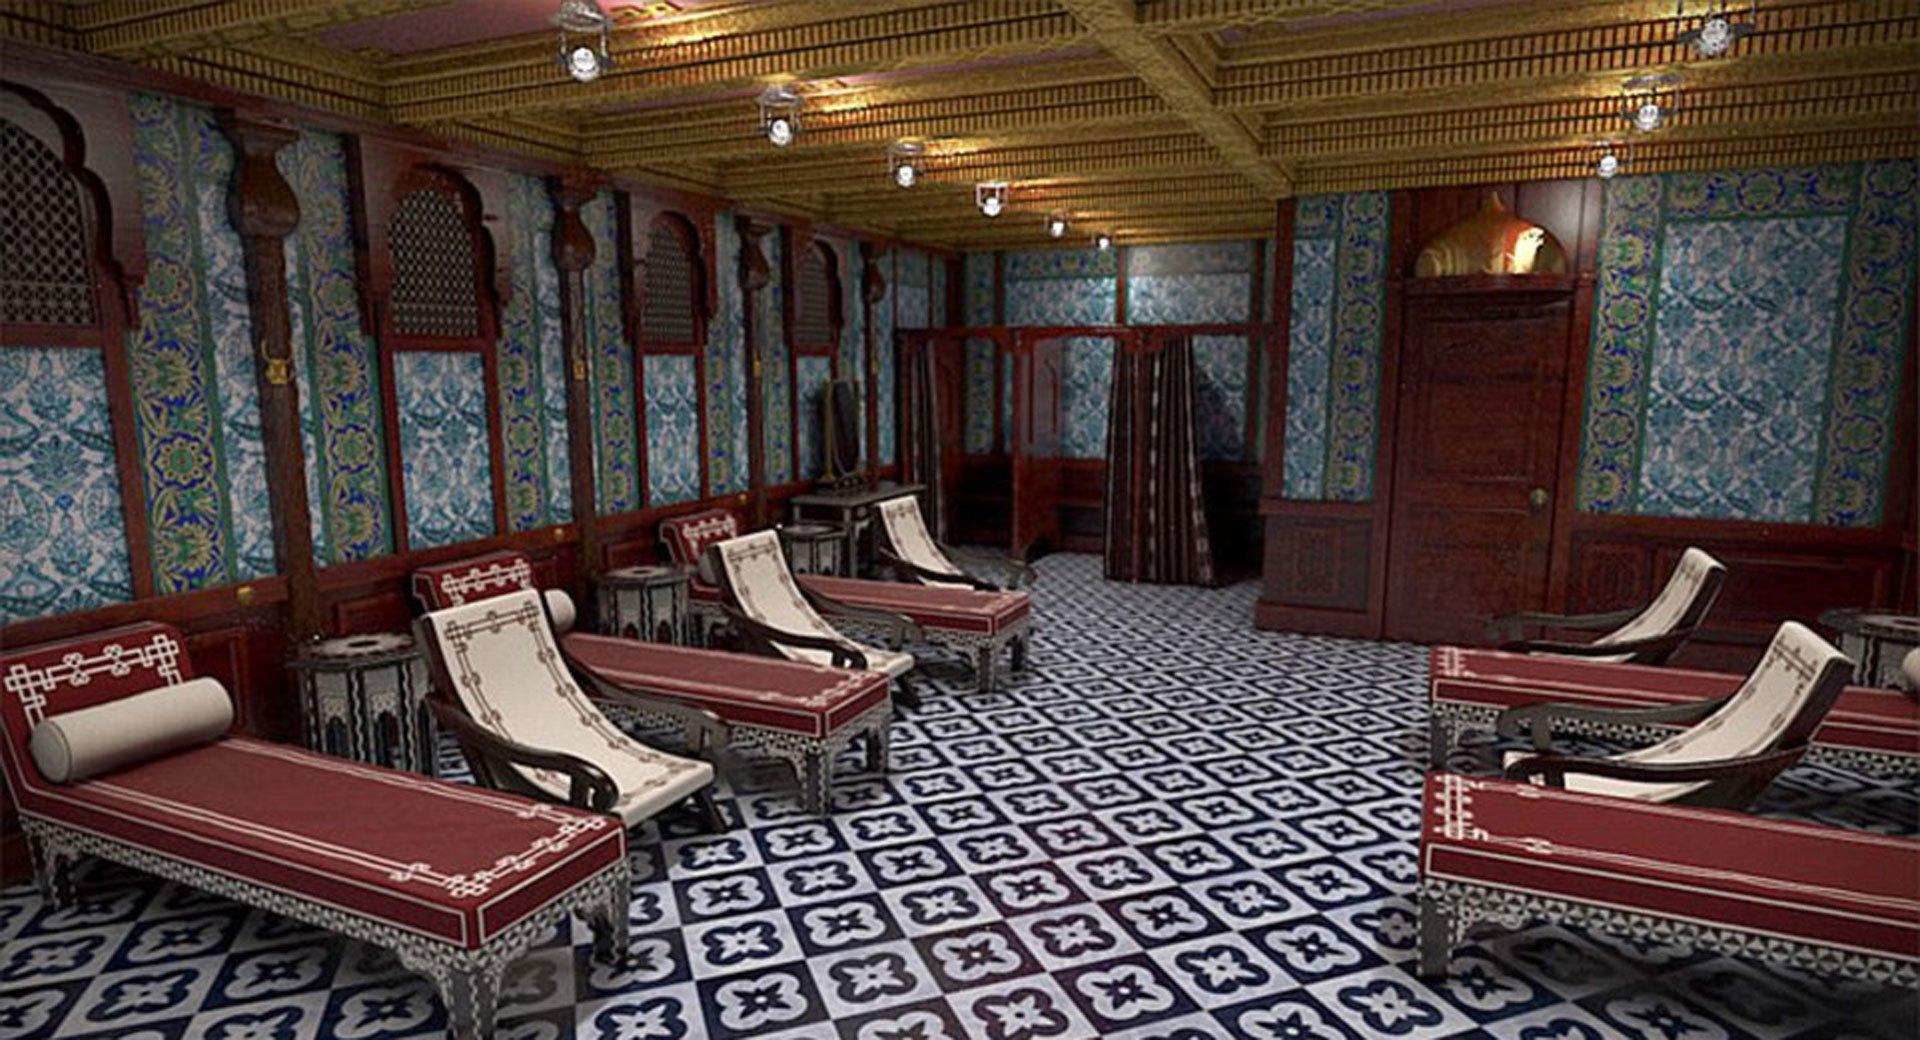 Baño Turco Definicion:El baño turco que ofrecerá el Titanic II Una versión de los spas